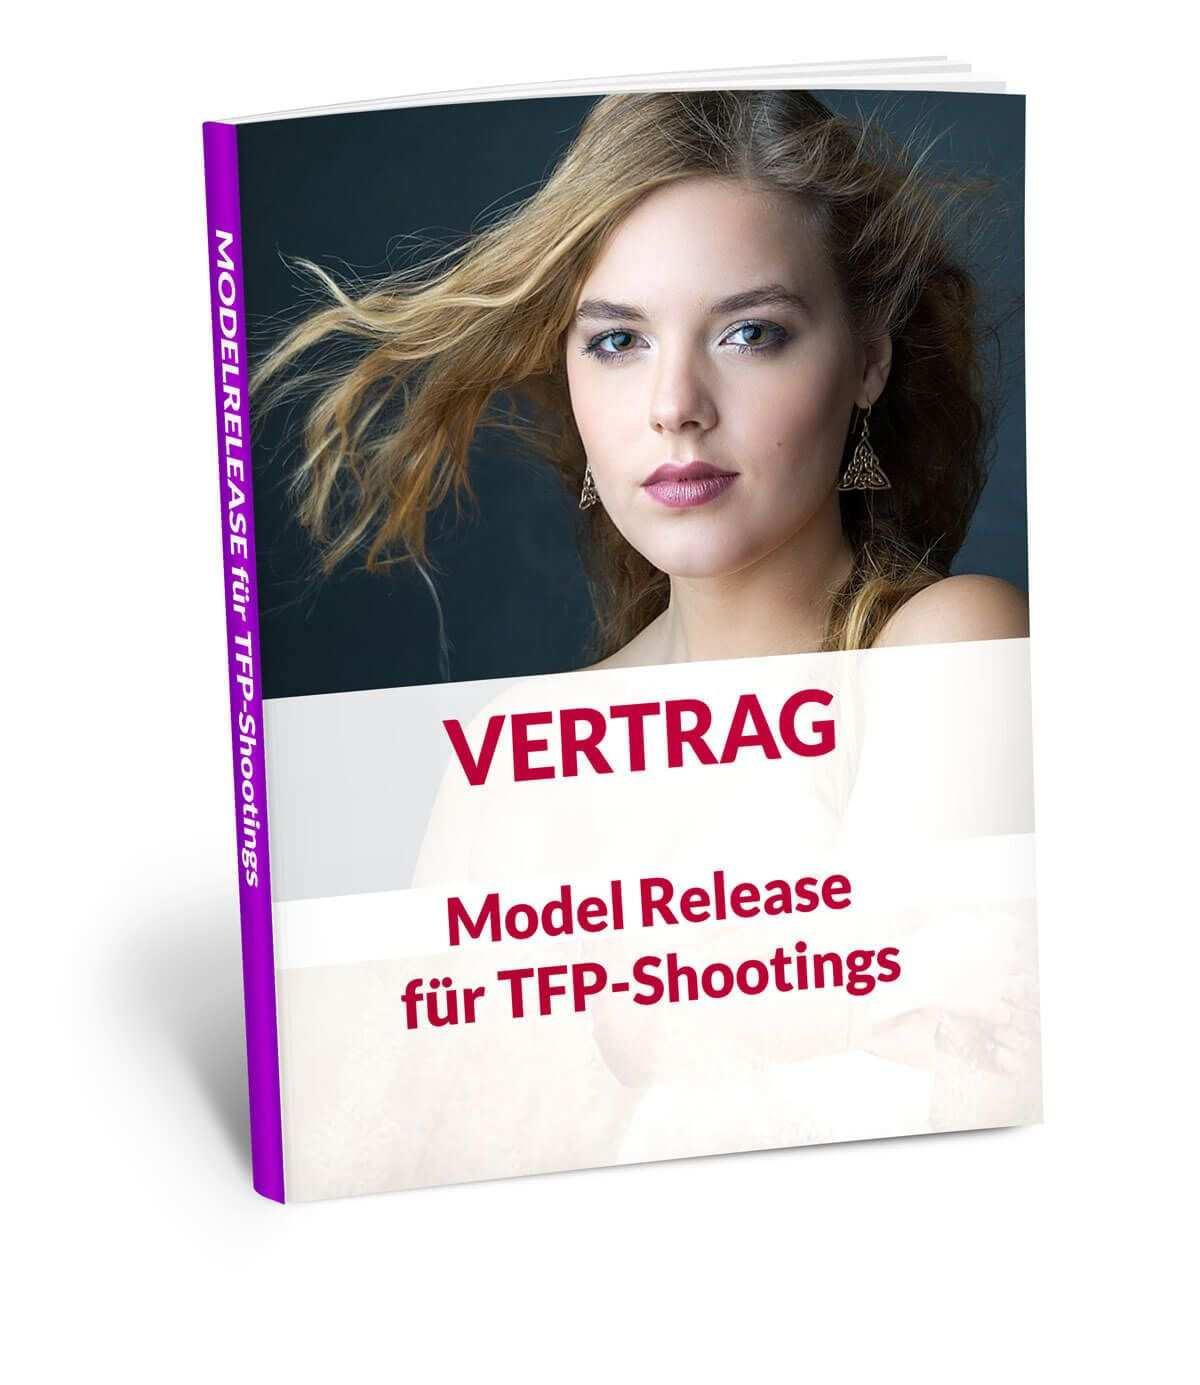 Tfp Vertrag Vorlage Dsgvo Model Release Muster Digital Mit